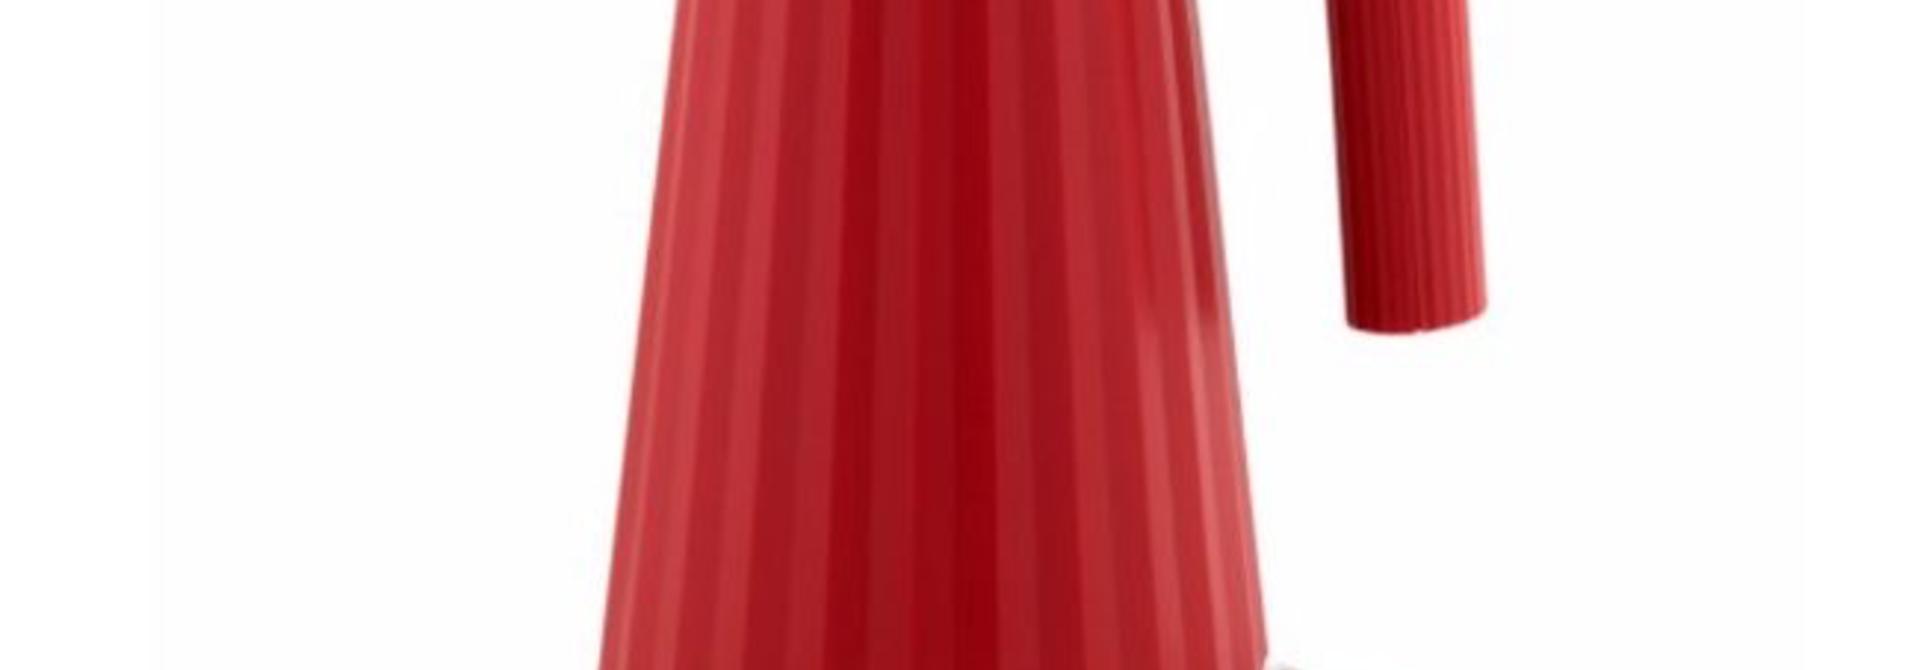 ALESSI - Plissé Red Kettle 1.7L